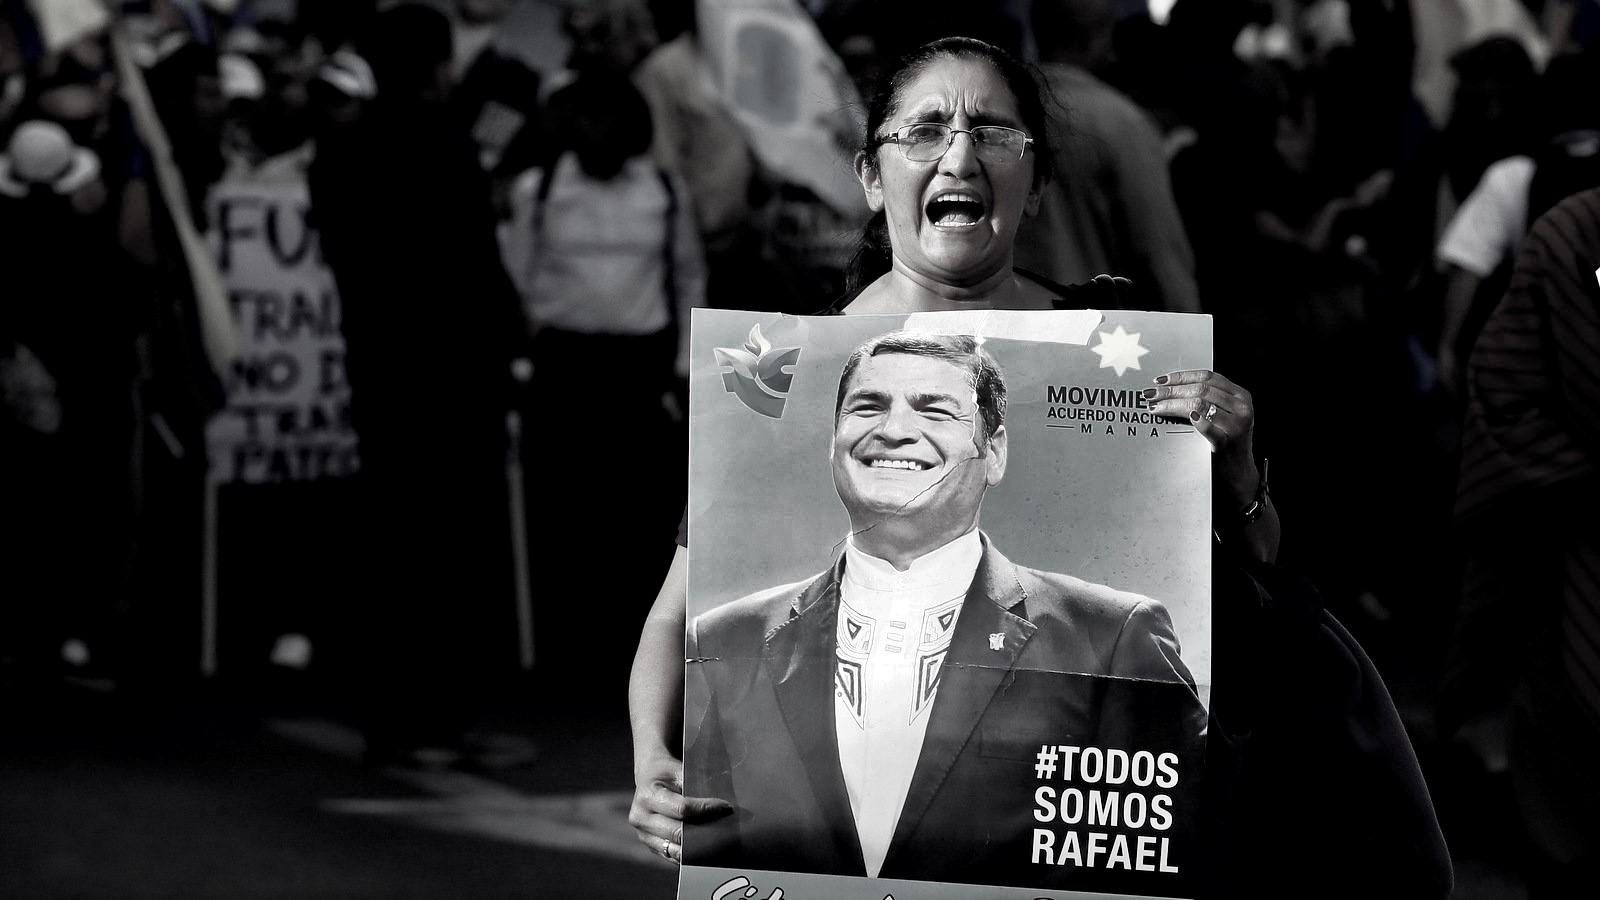 Des vidéos révélatrices montrent l'innocence de Rafael Correa et la fraude procédurale contre lui